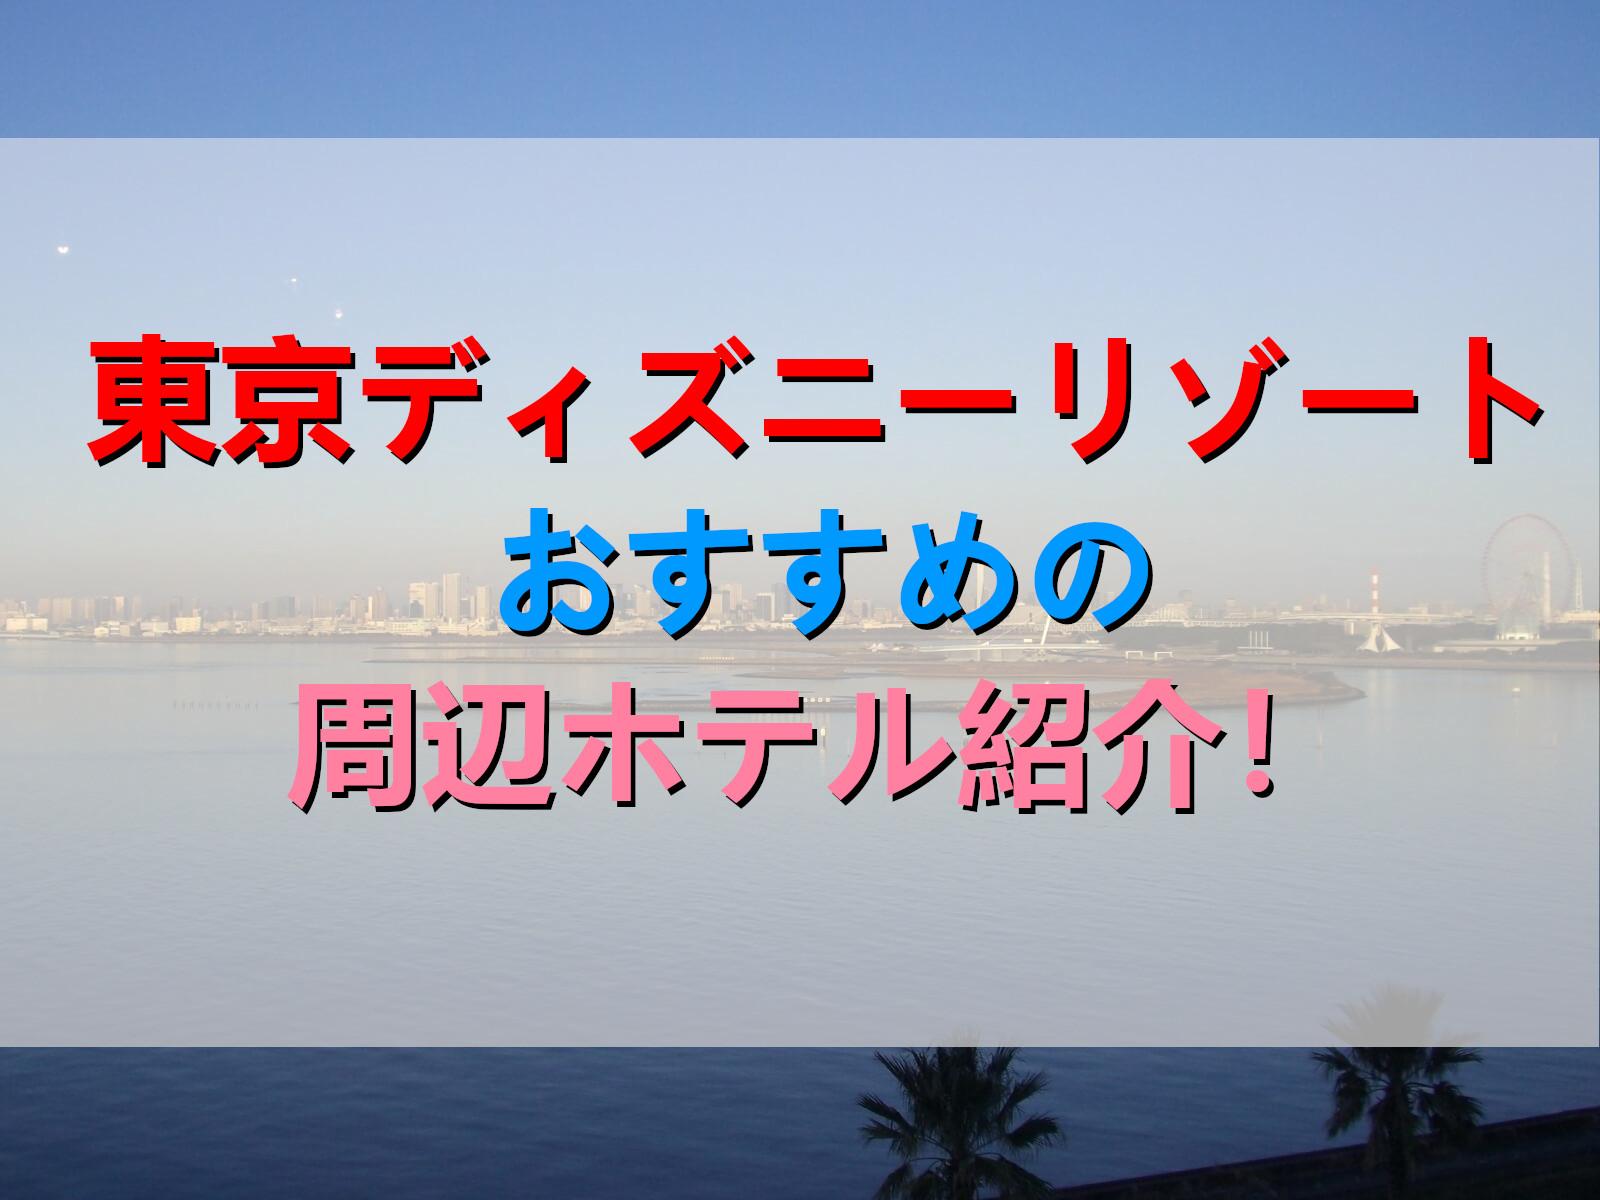 東京ディズニーリゾートおすすめの周辺ホテル紹介!